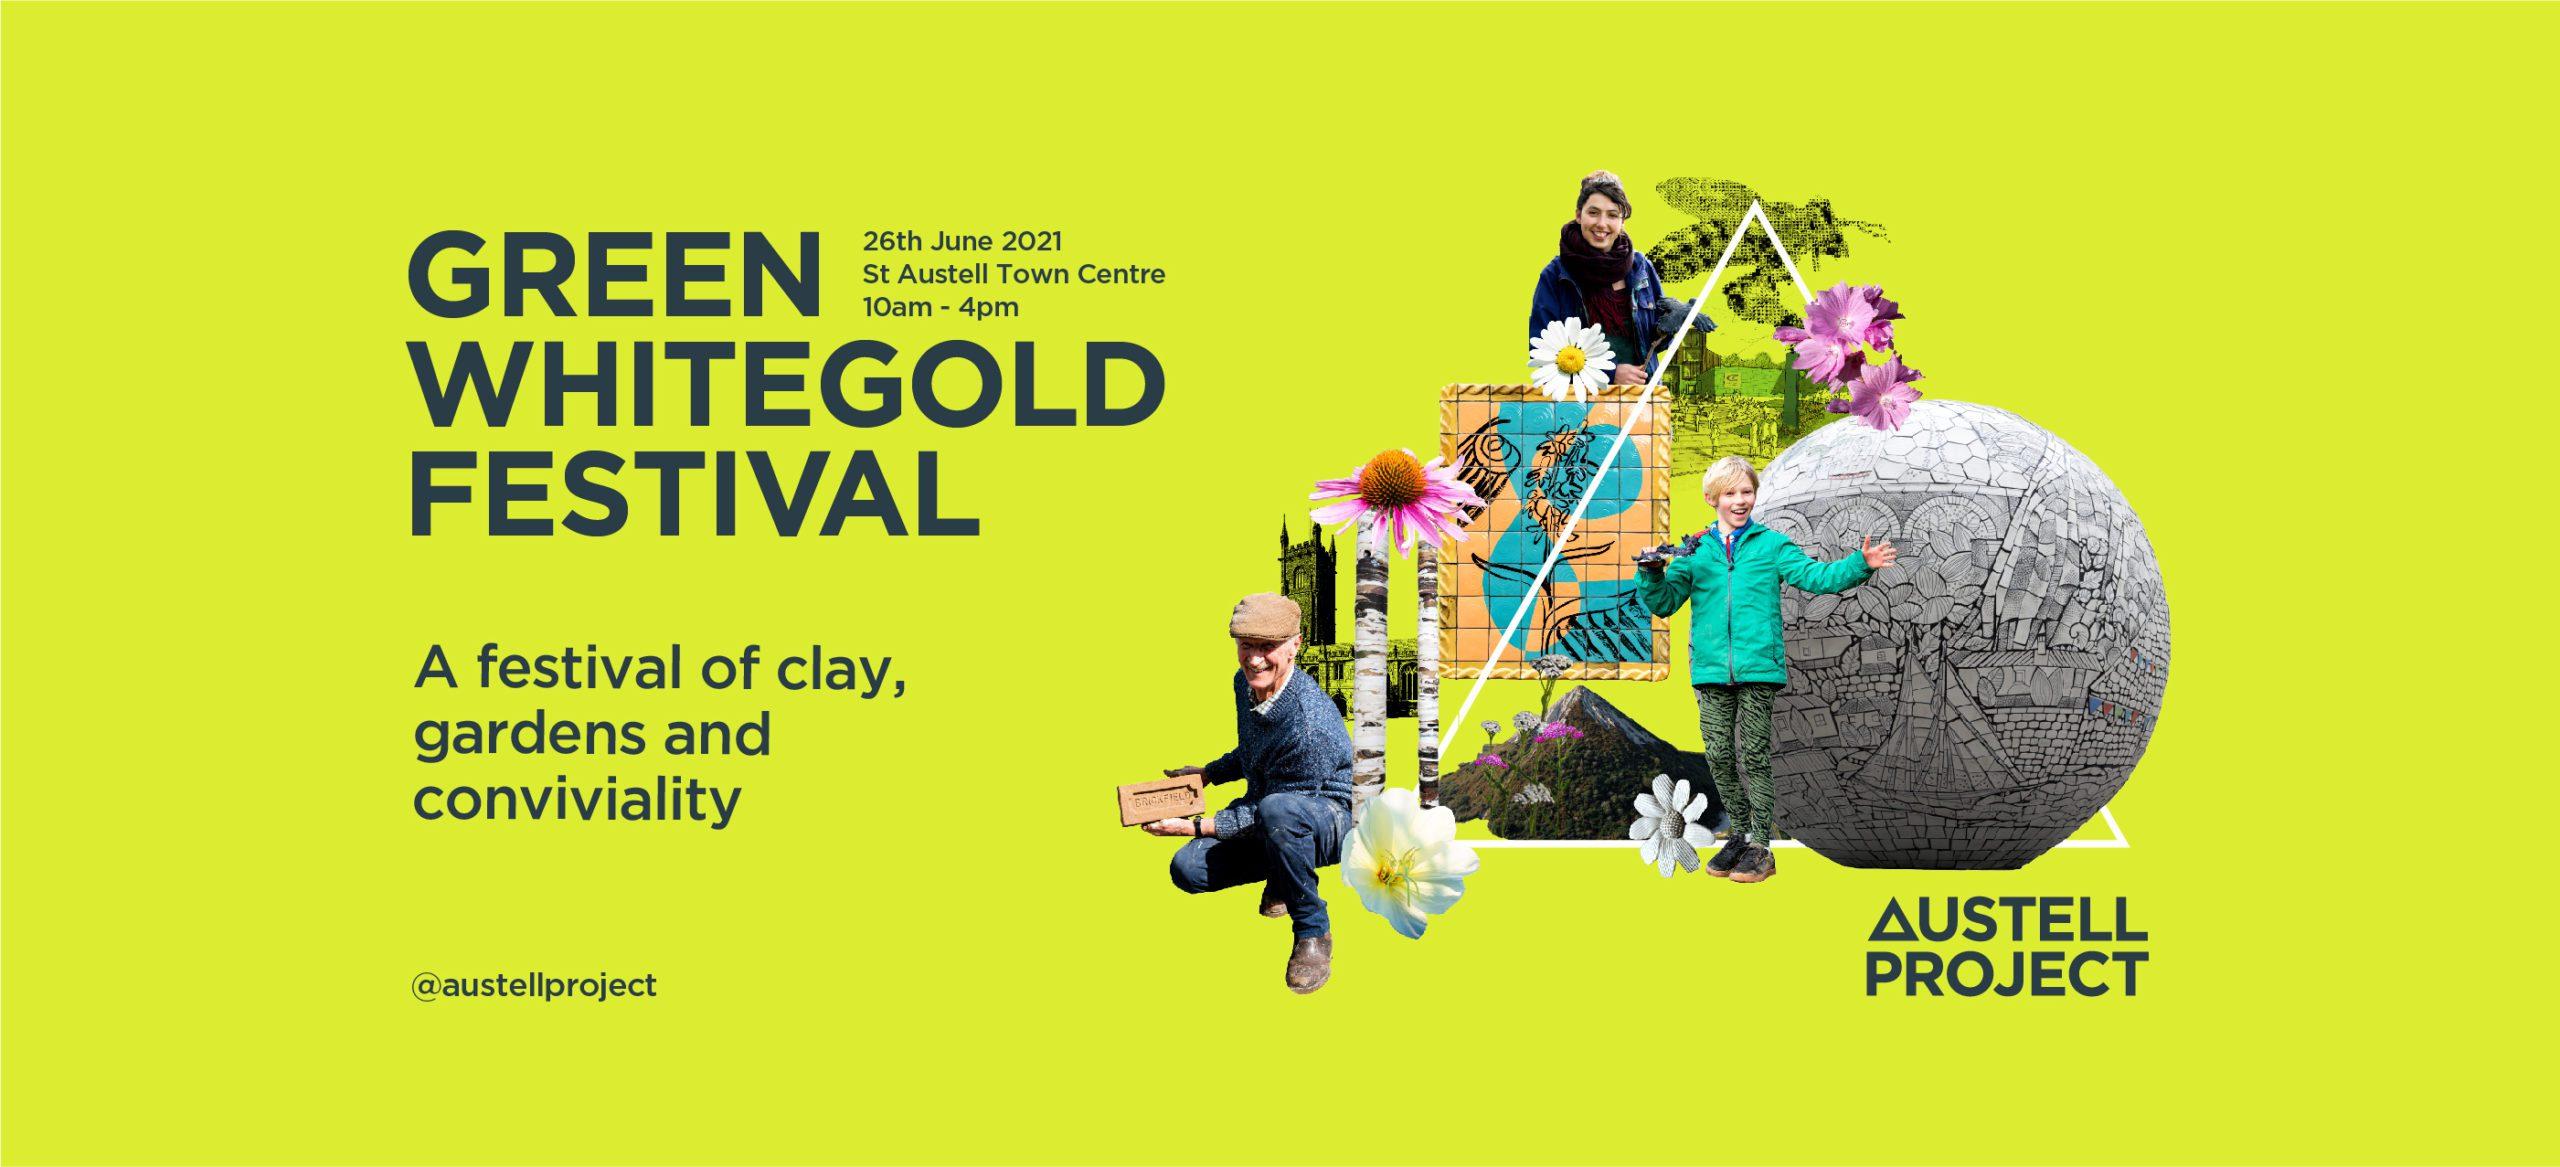 Poster for the Whitegold Festival